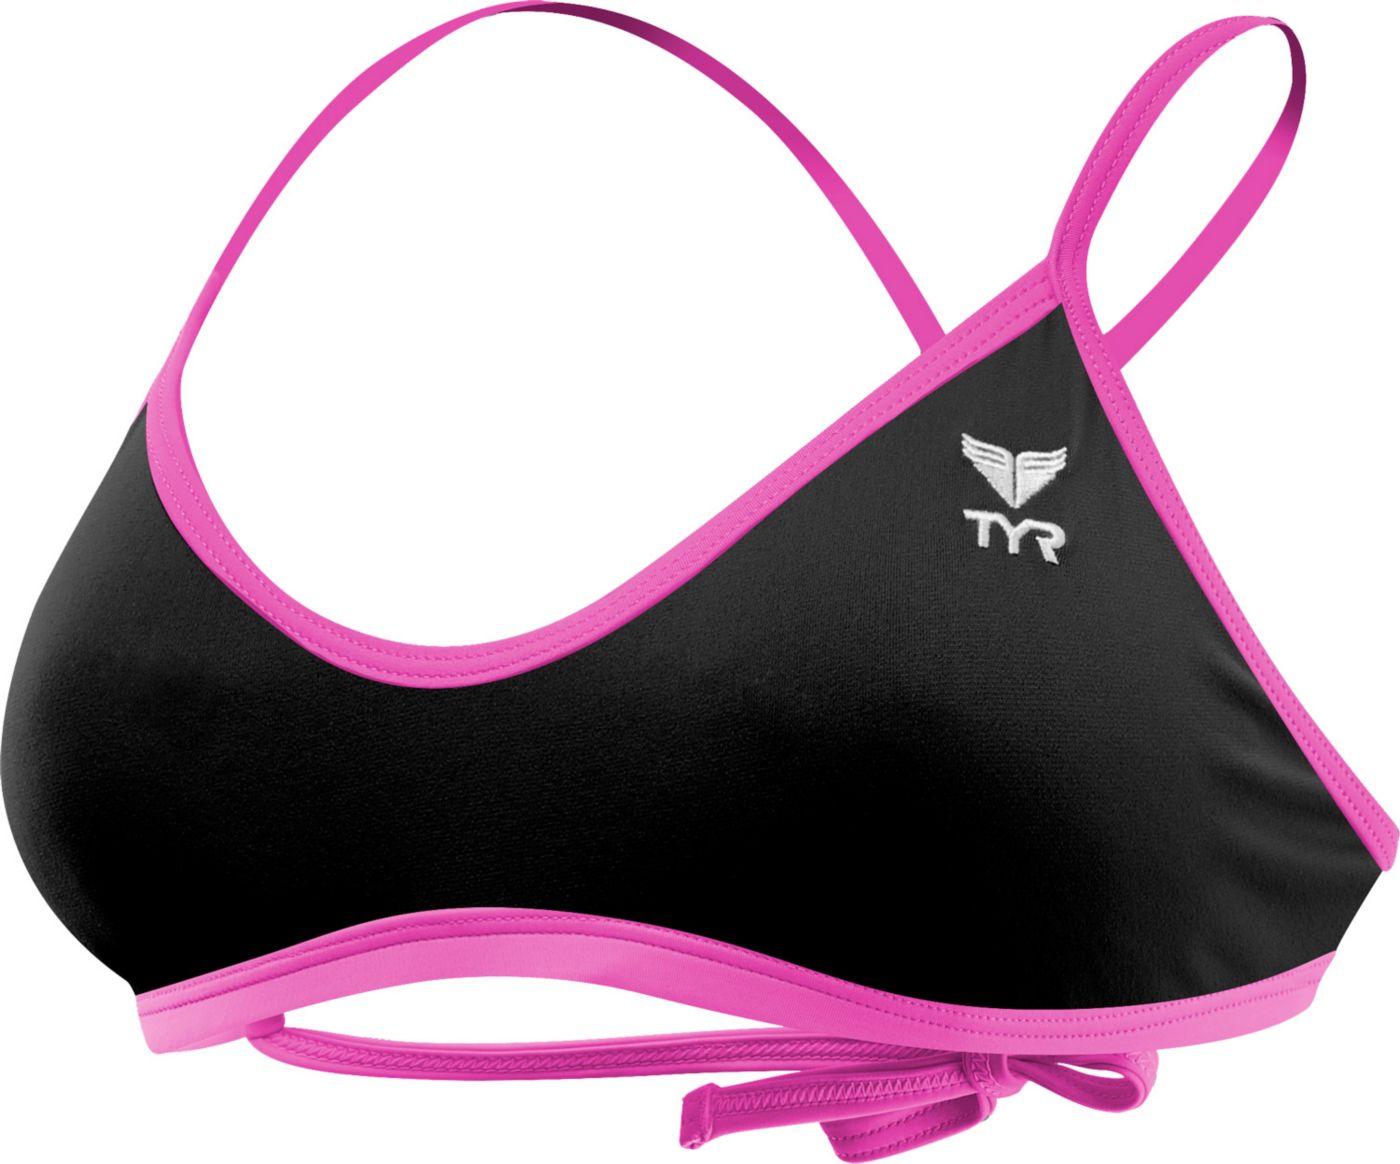 TYR Women's Crosscut Fit Tie Back Swimsuit Top